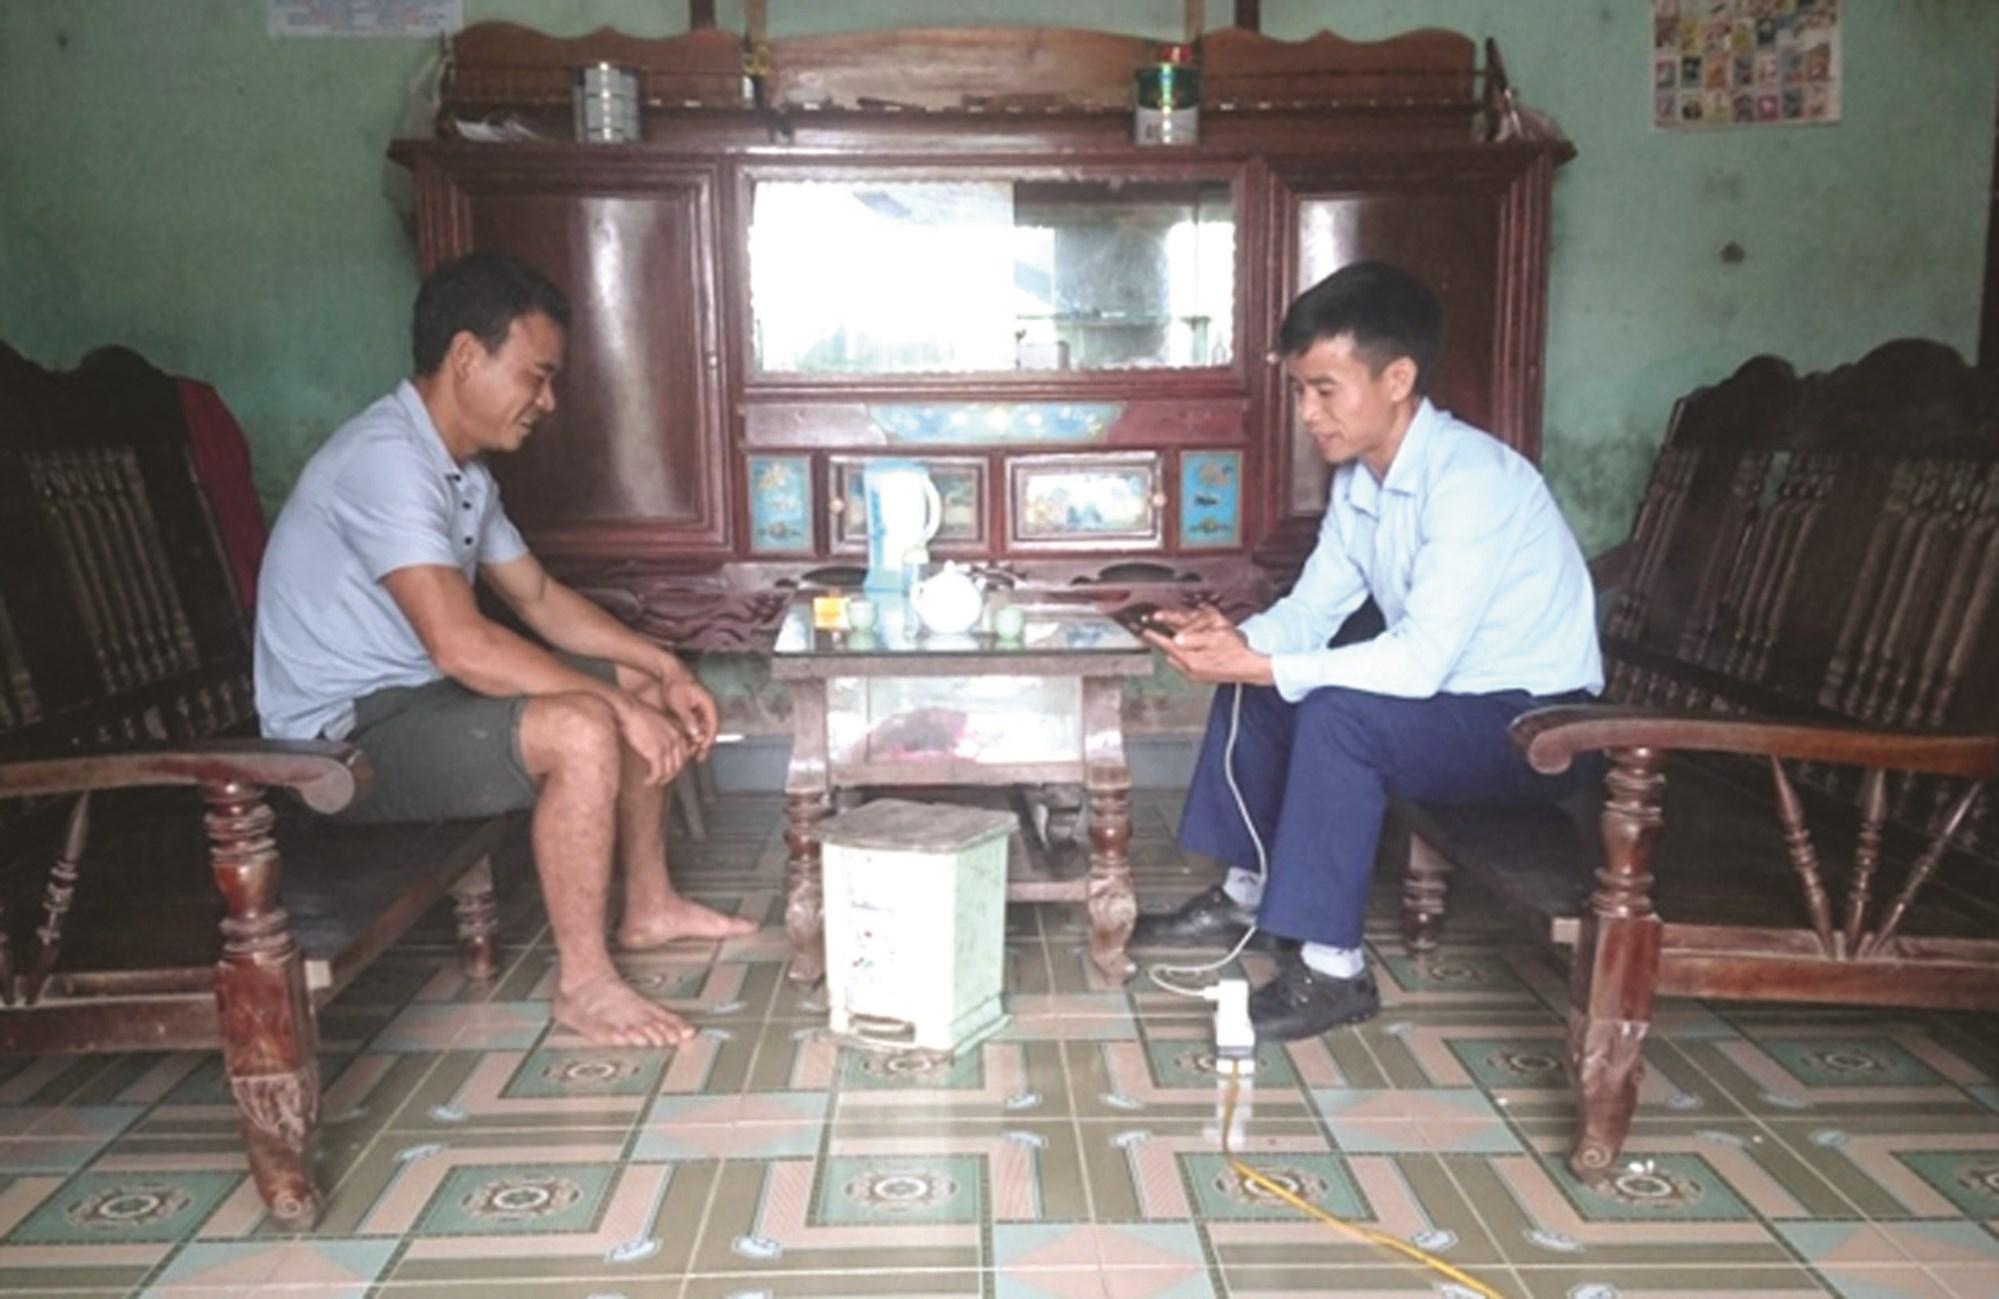 Anh Lê Minh Ngọc (bên phải) điều tra viên thuộc tổ điều tra đơn vị xã Tiến Thắng.